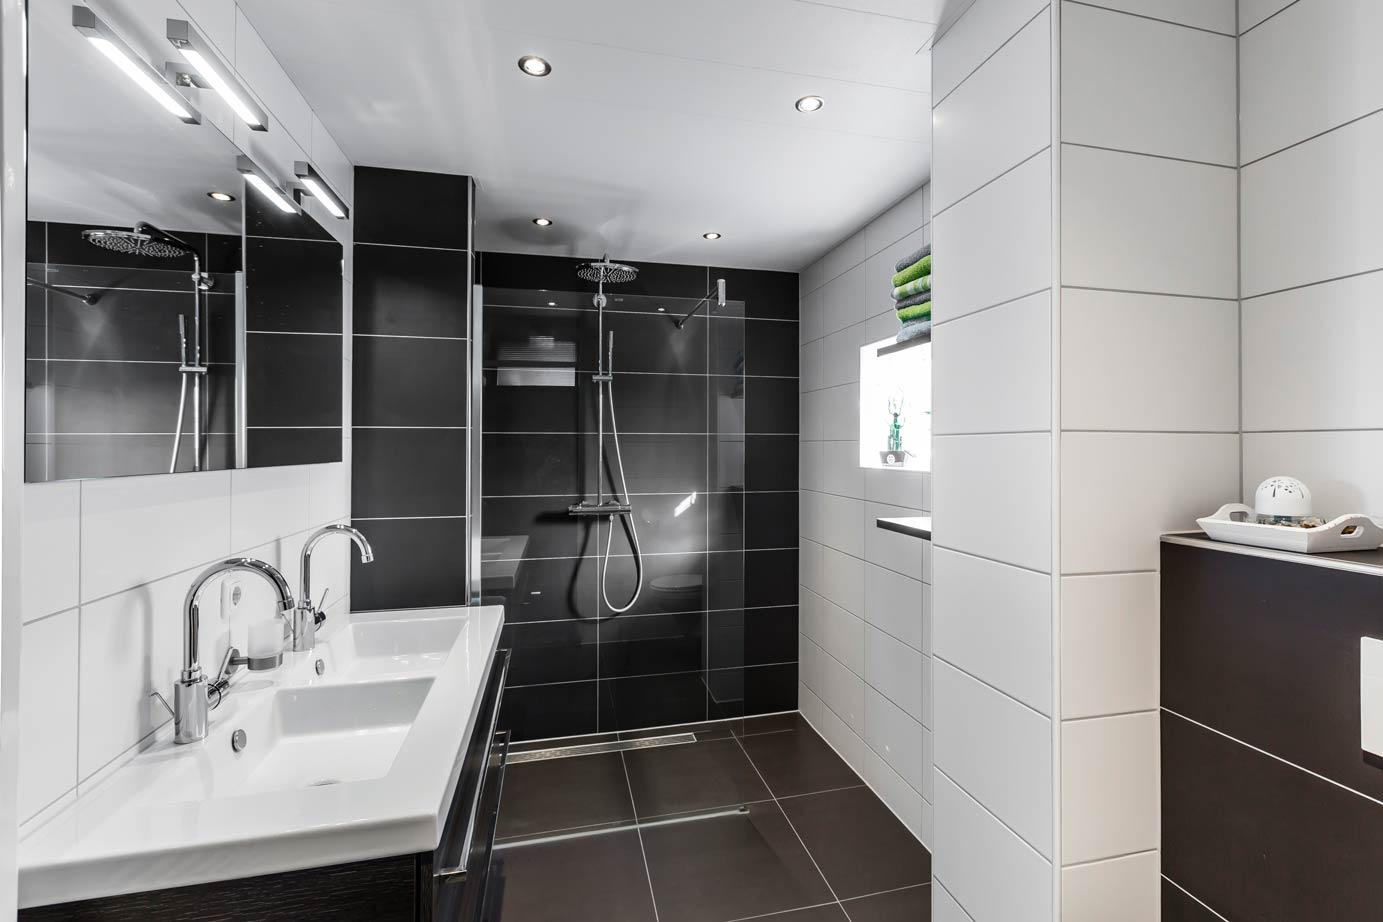 Complete Badkamer Almere : Badkamer kopen in almere lees deze klantervaring db keukens